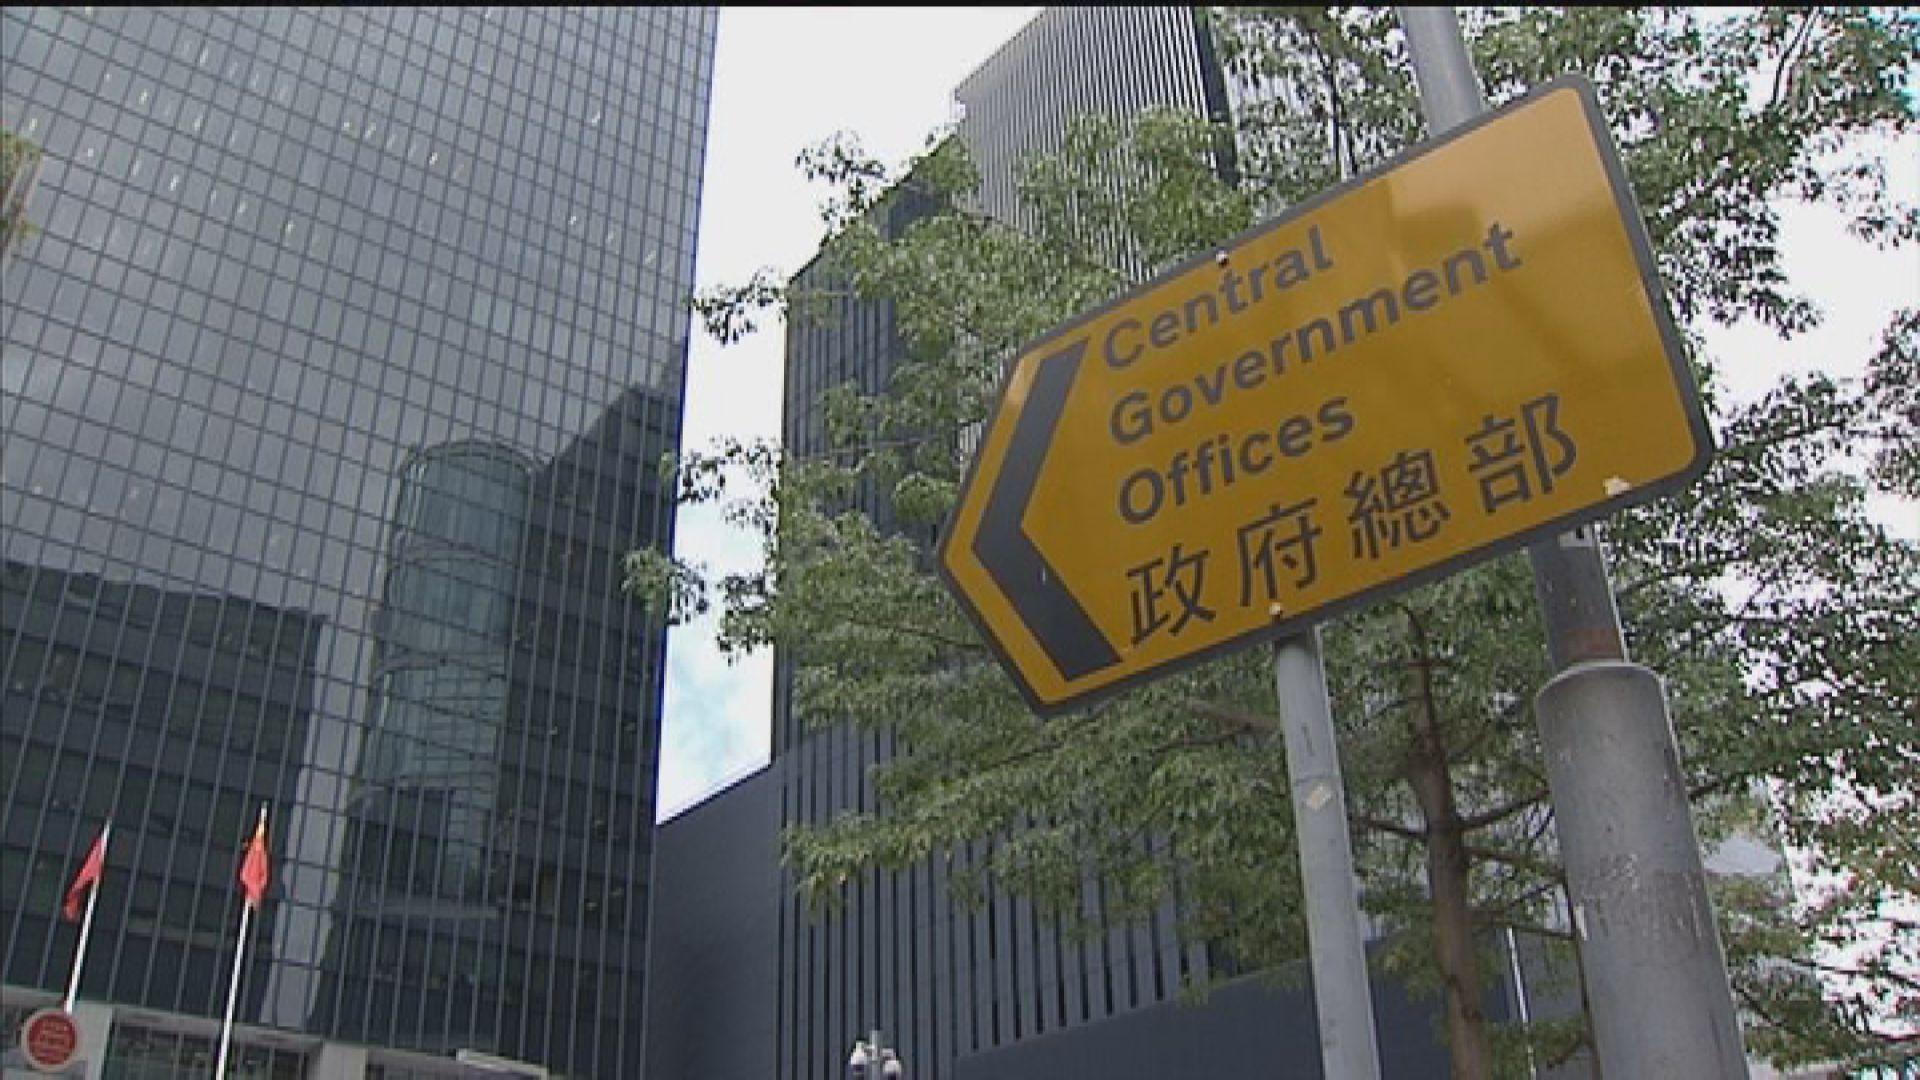 政府上訴得直 法院裁定政總東翼前地出入限制合憲